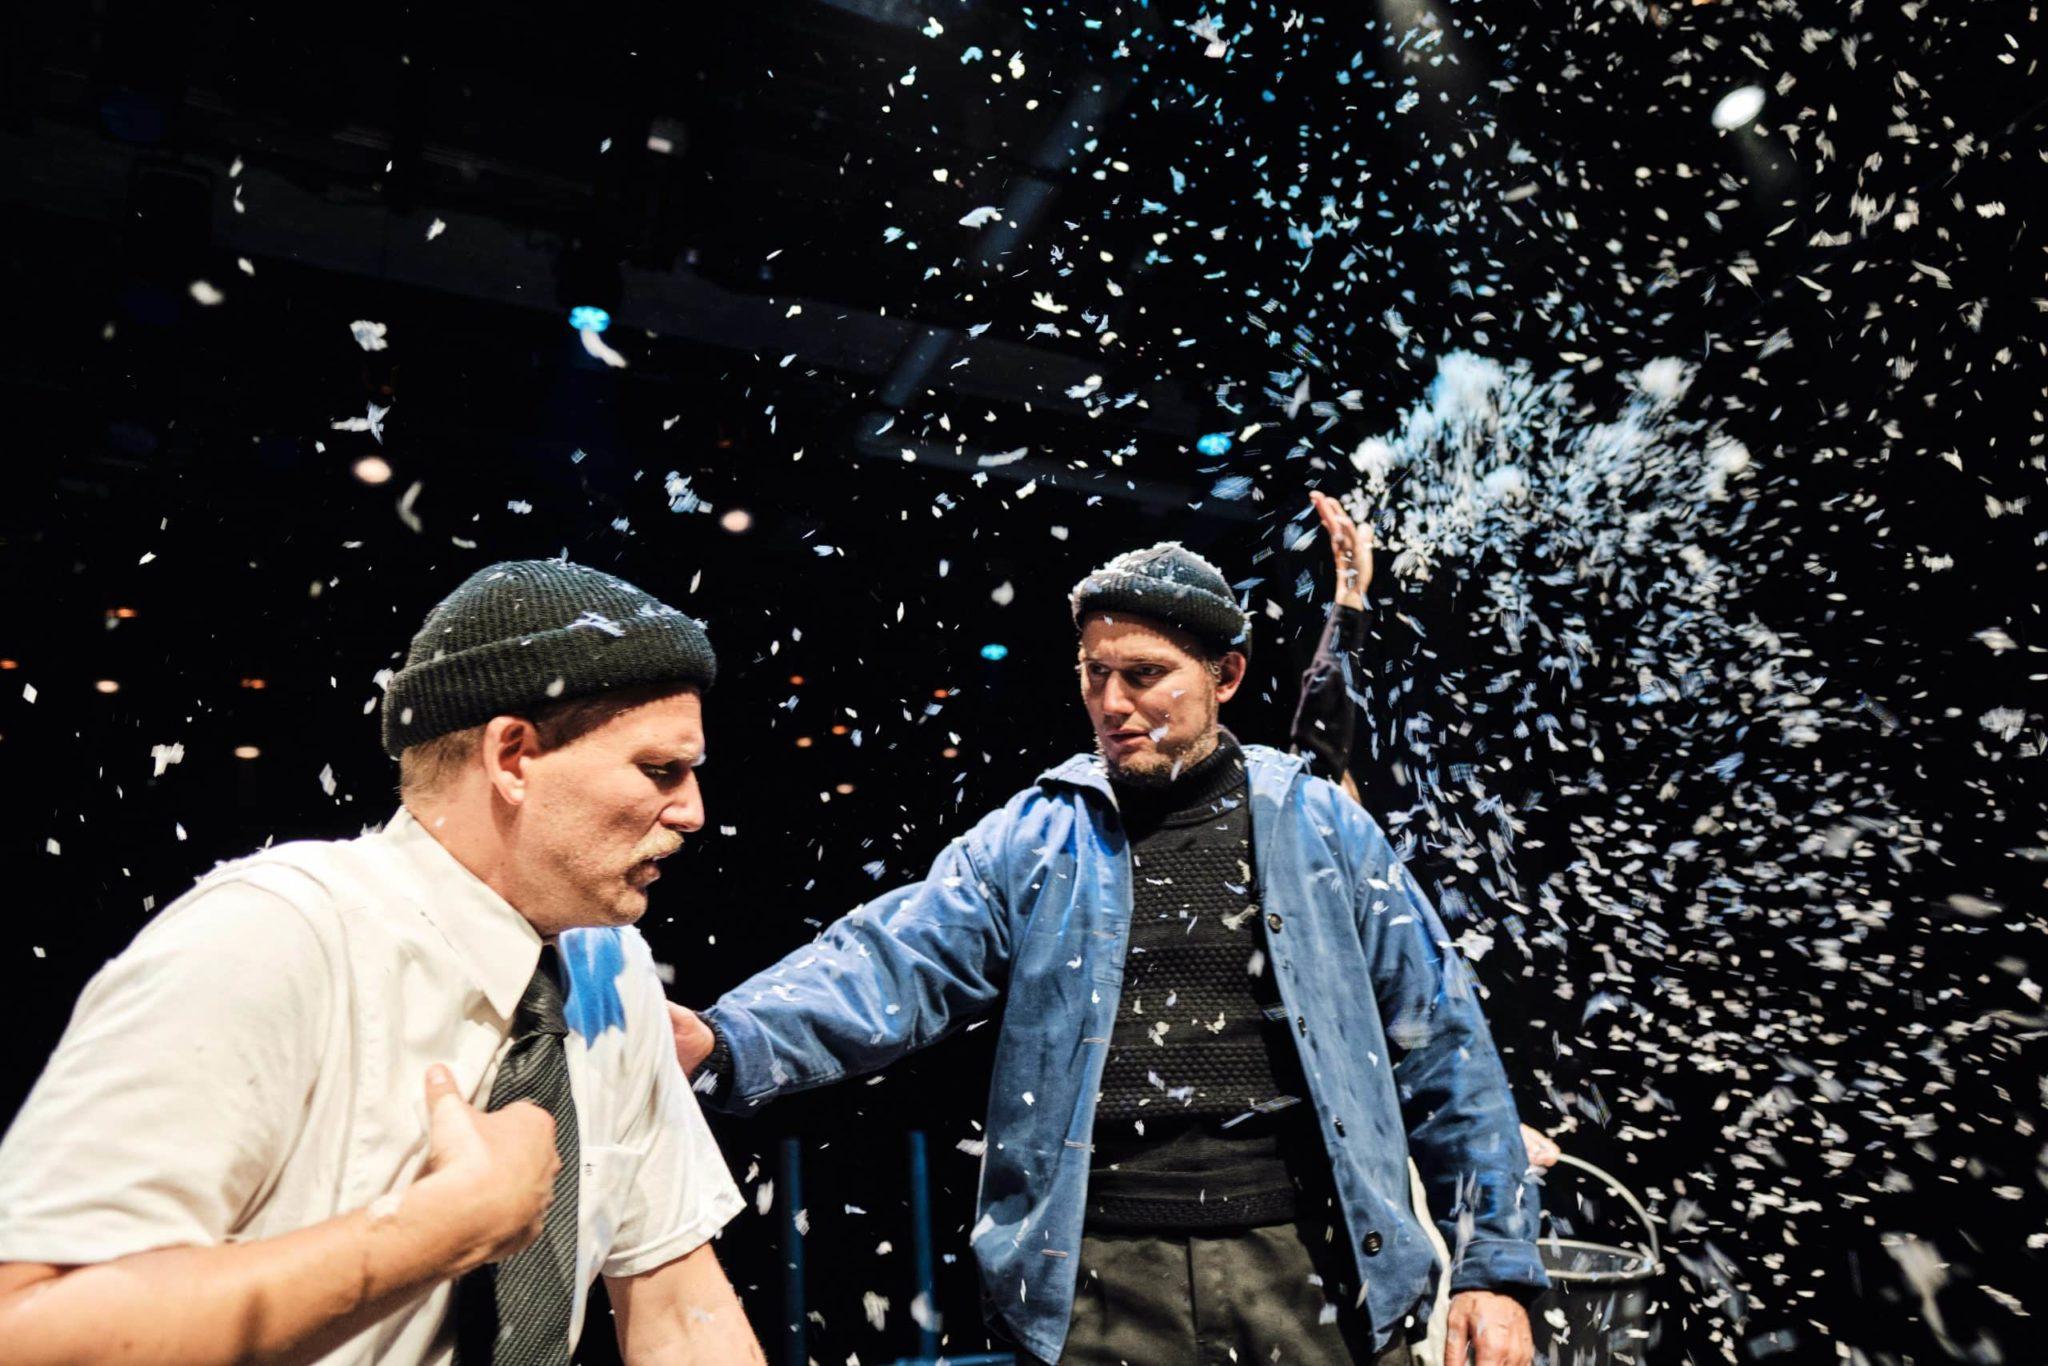 Fiskerne, Teater Nordkraft. Foto: Martin Høyer Poulsen